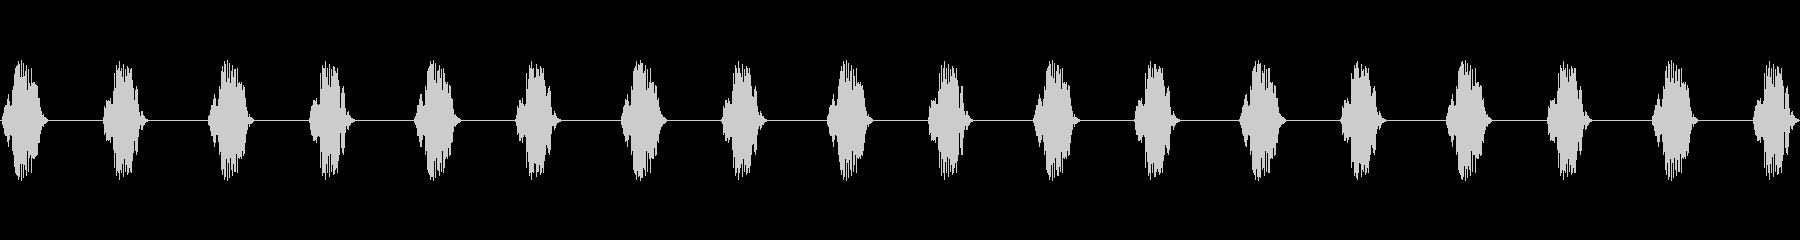 磁気ブーツ:ウォーキング、SCI ...の未再生の波形